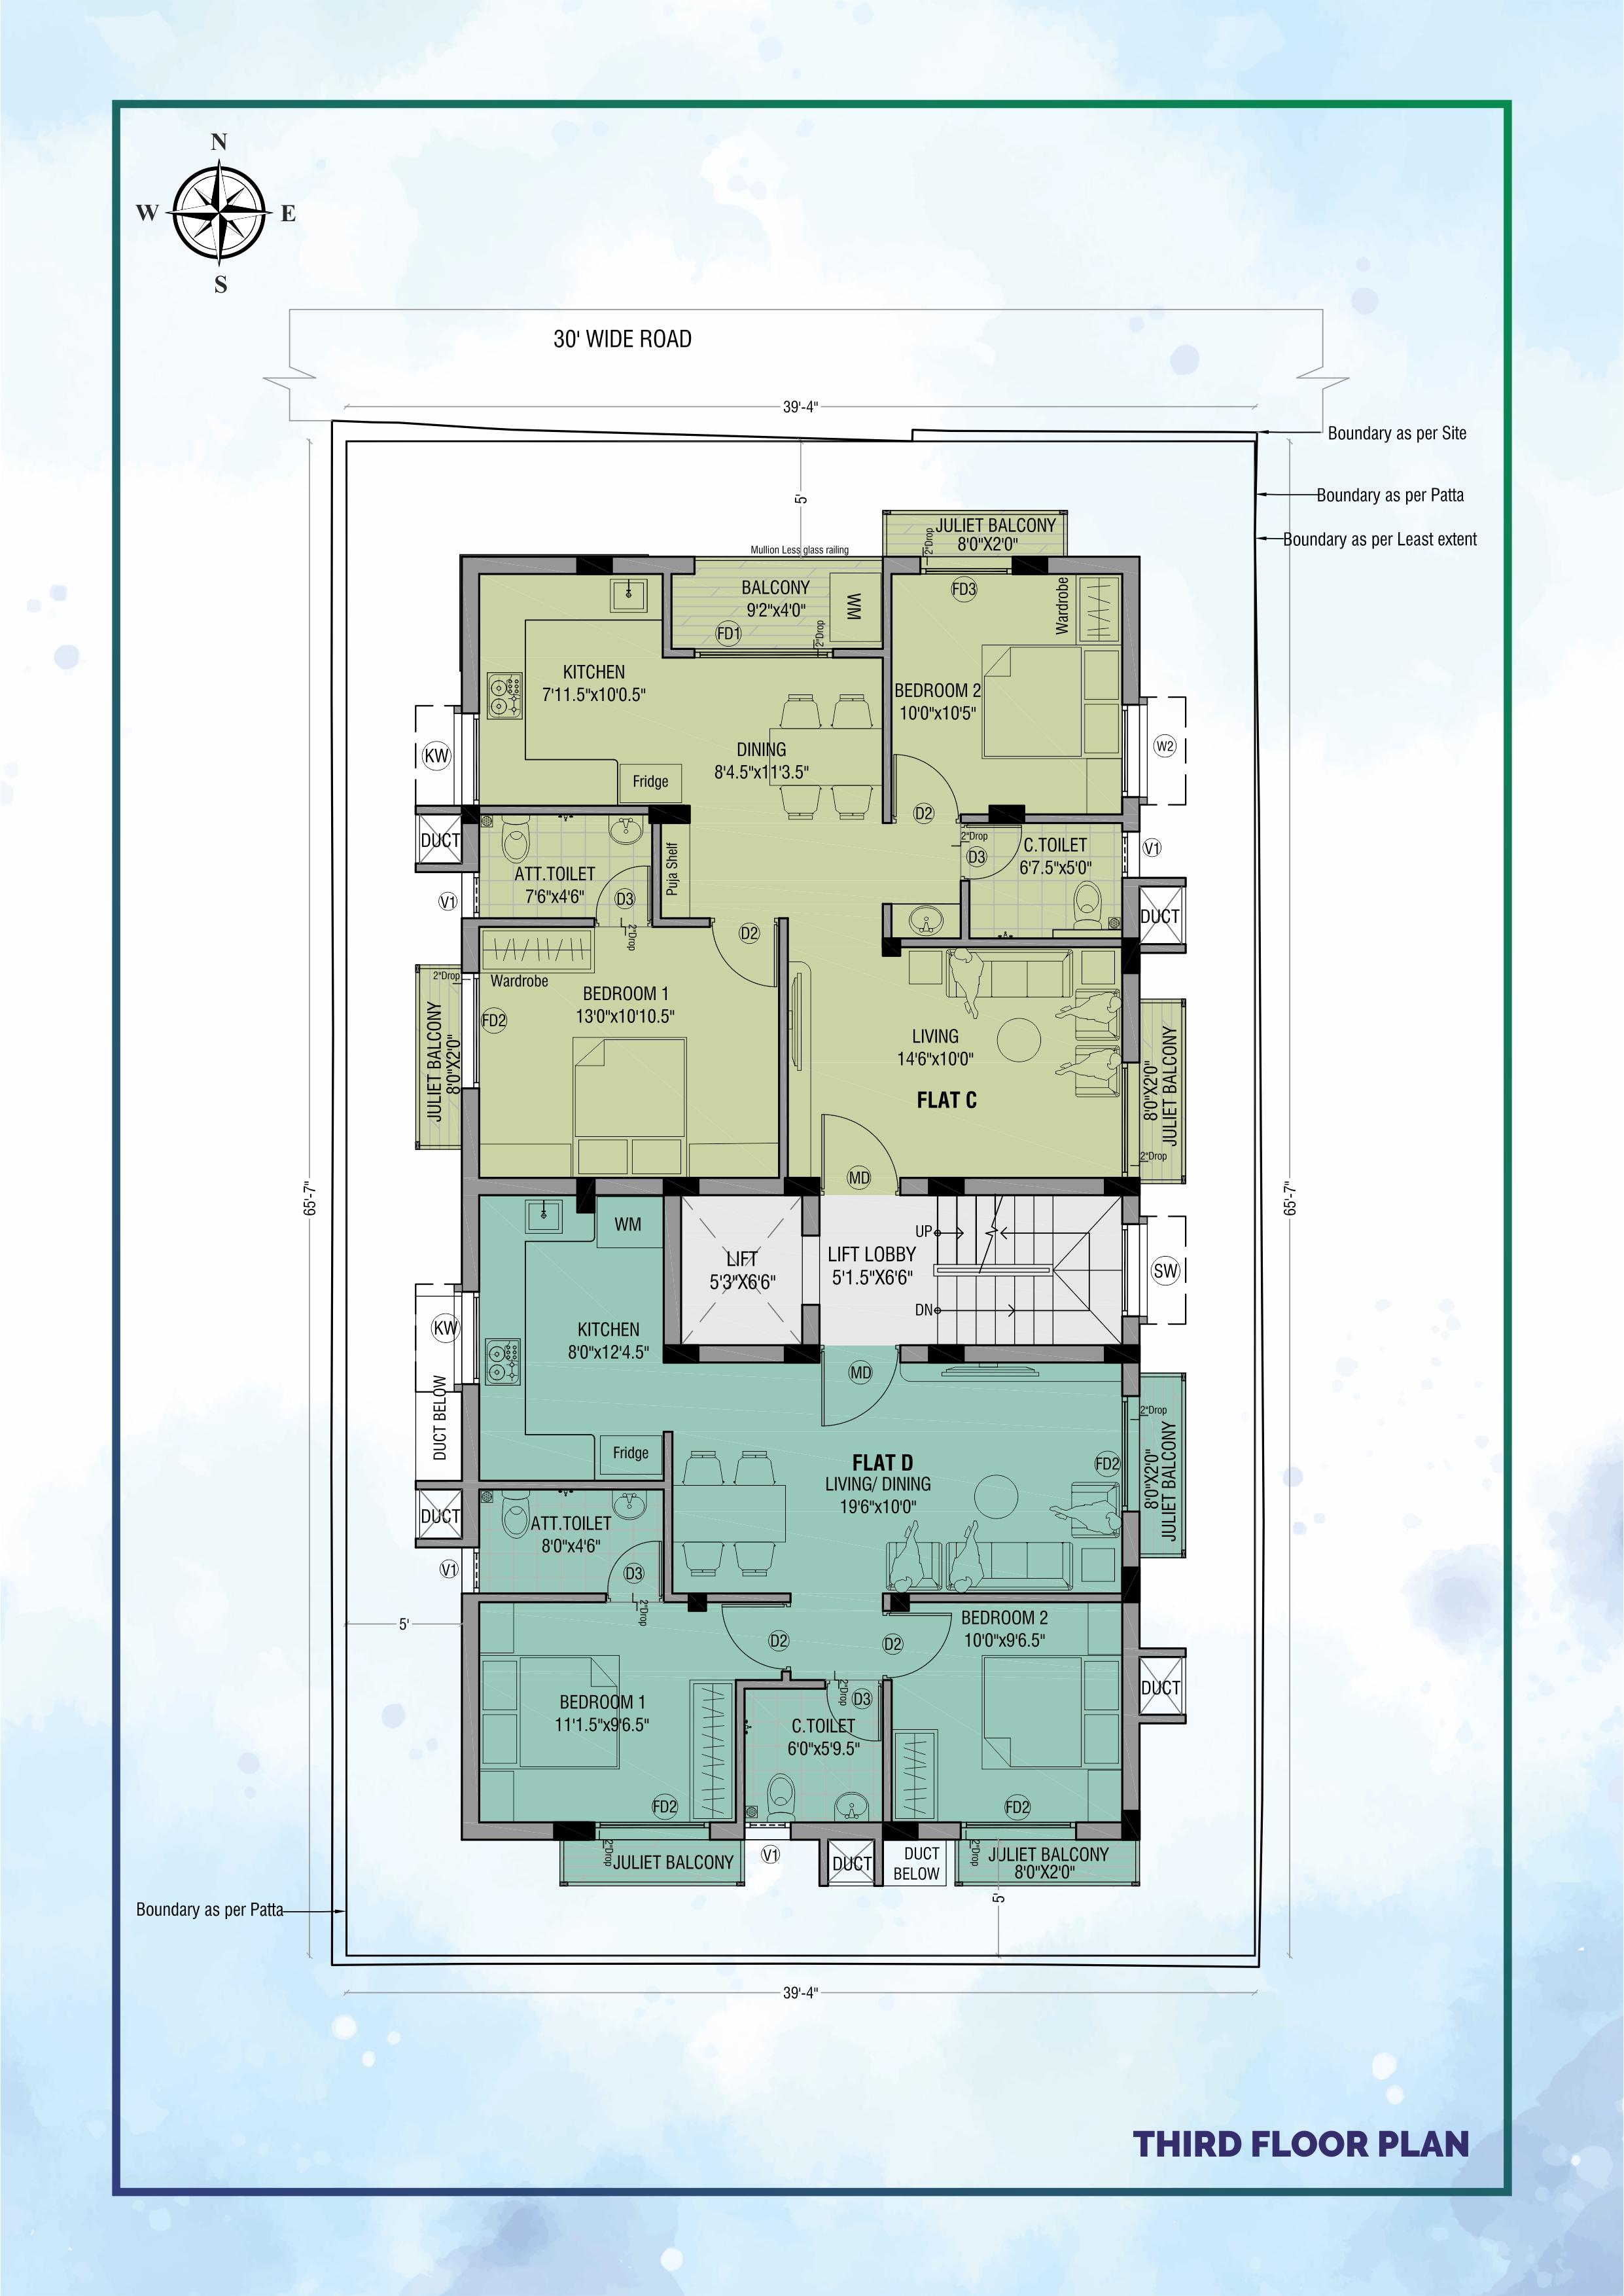 https://www.firmfoundations.in/projects/floorplans/thumbnails/16275382776Floor_Plan.jpg